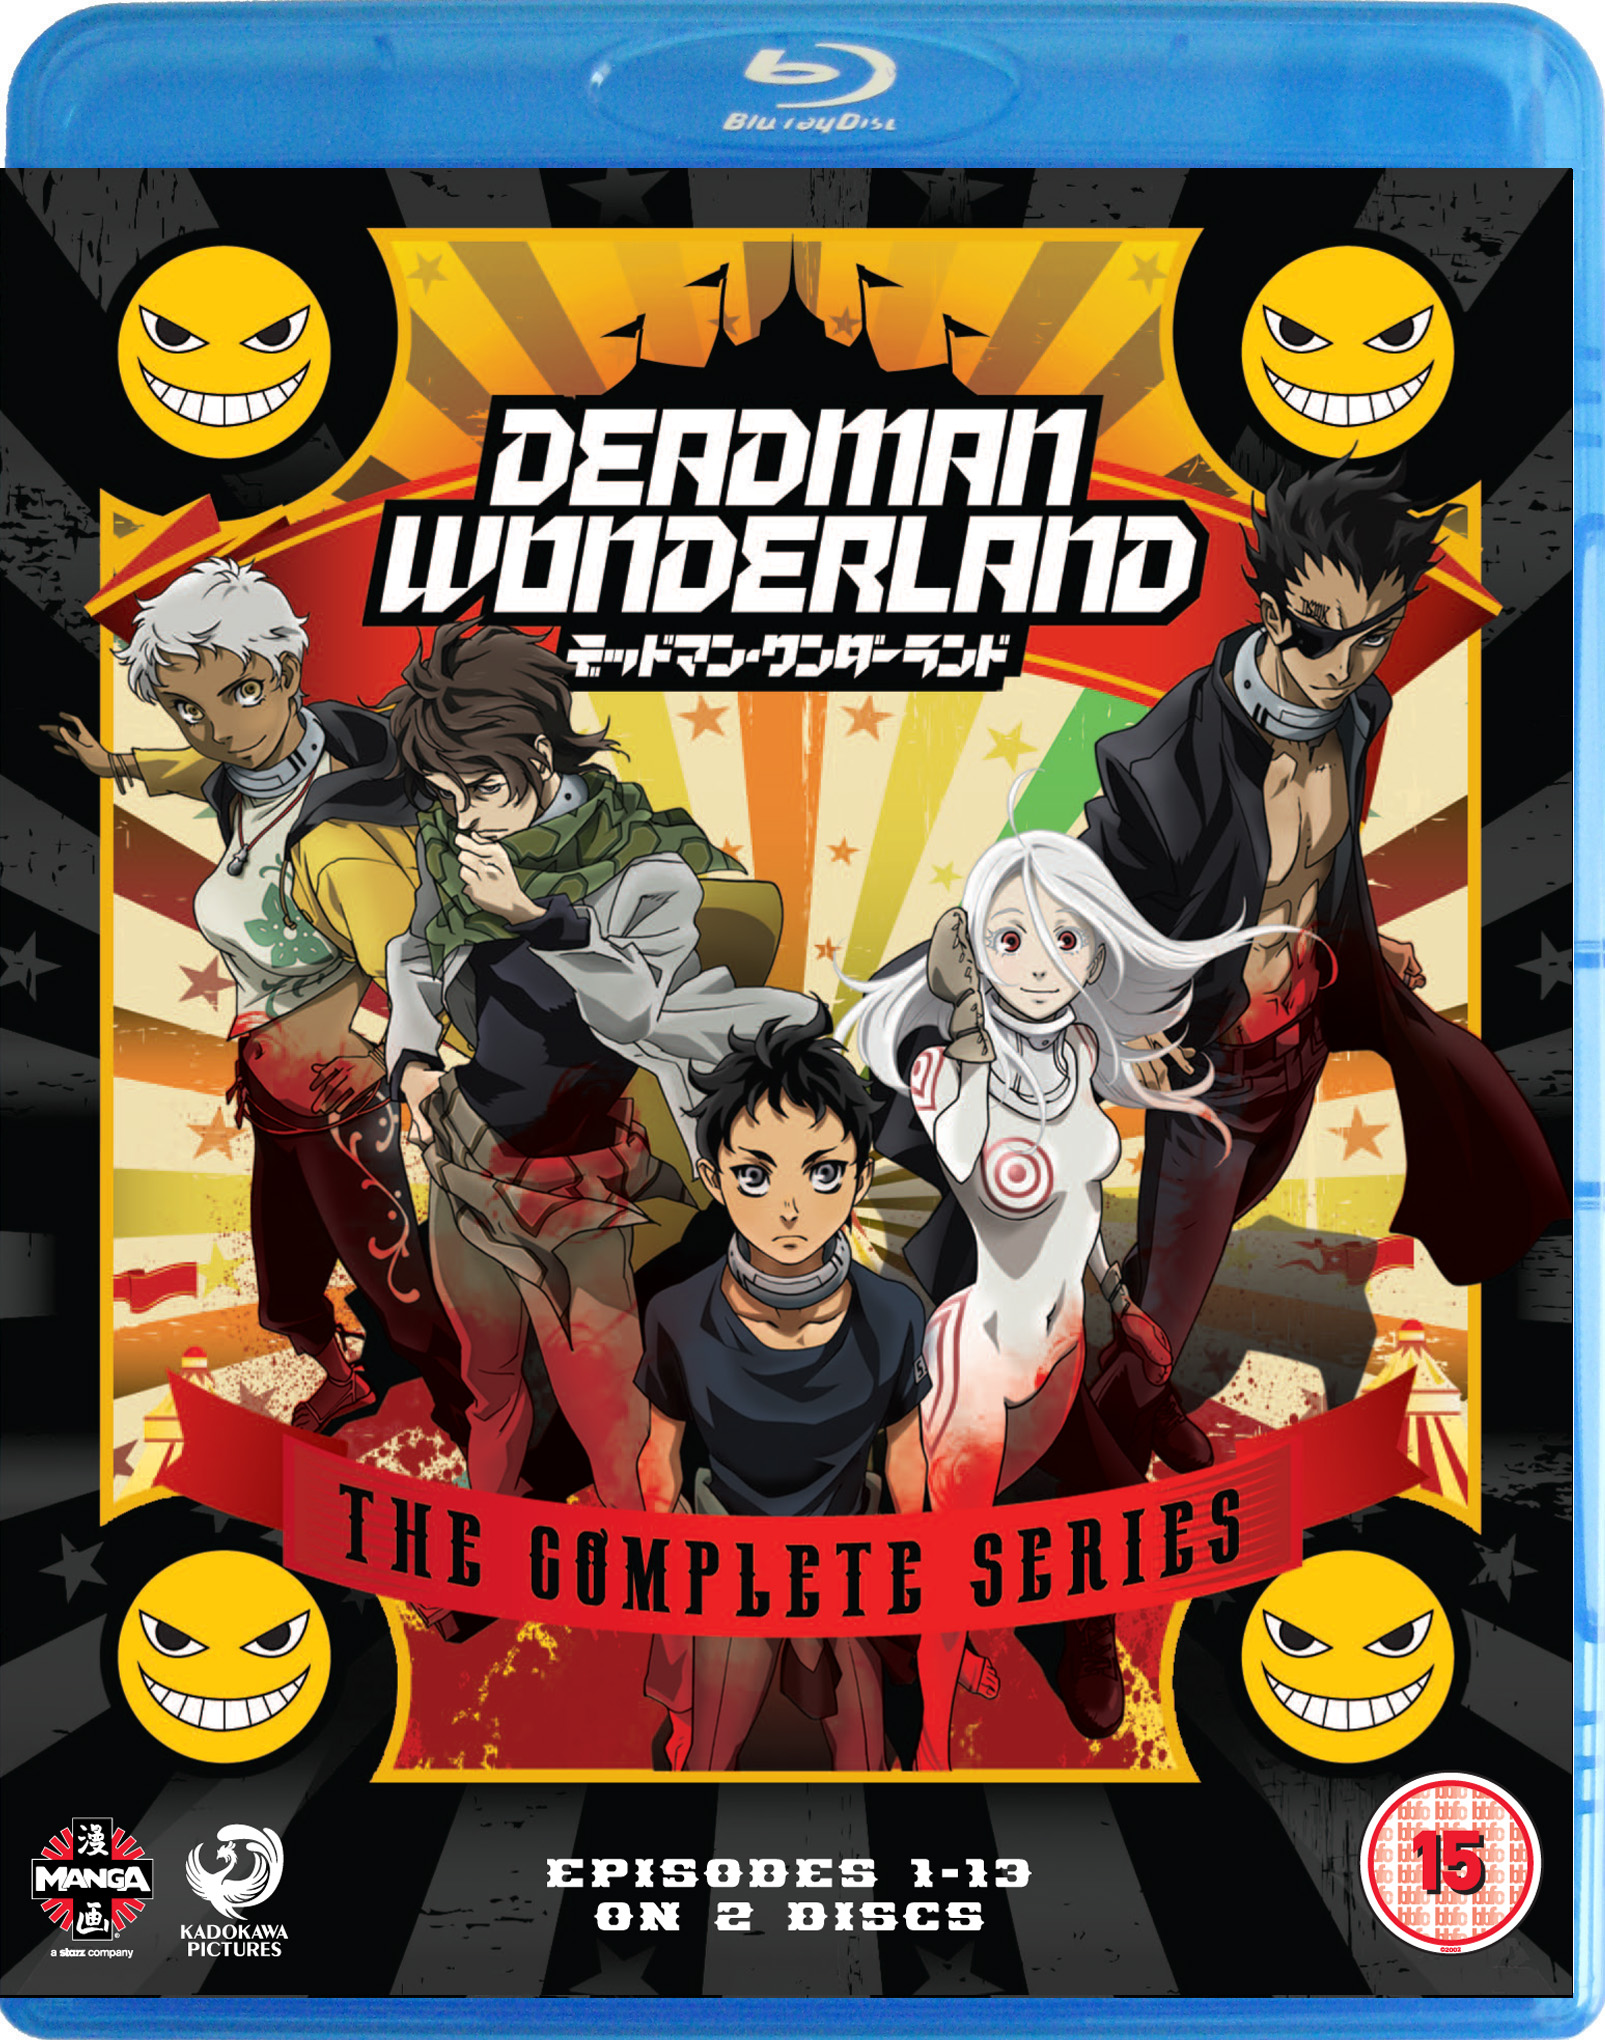 Deadman wonderland season 2 release date in Australia